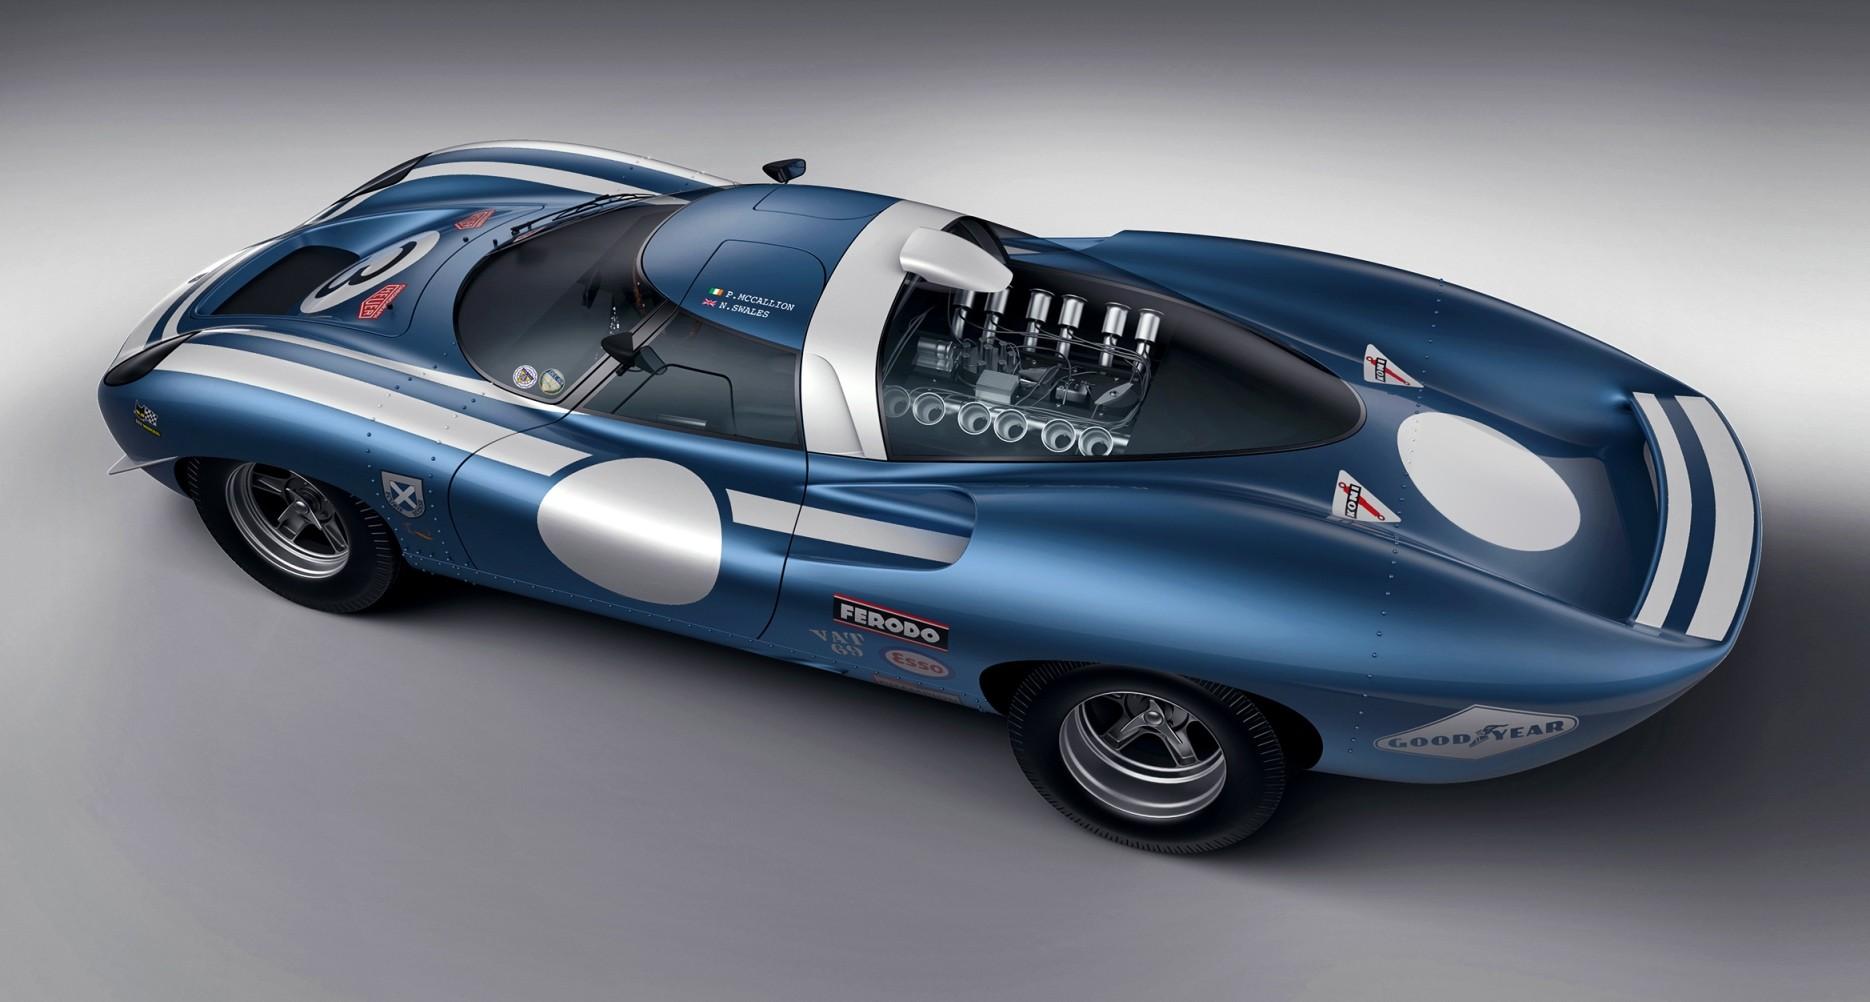 Ecurie Ecosse LM69 Concept rear